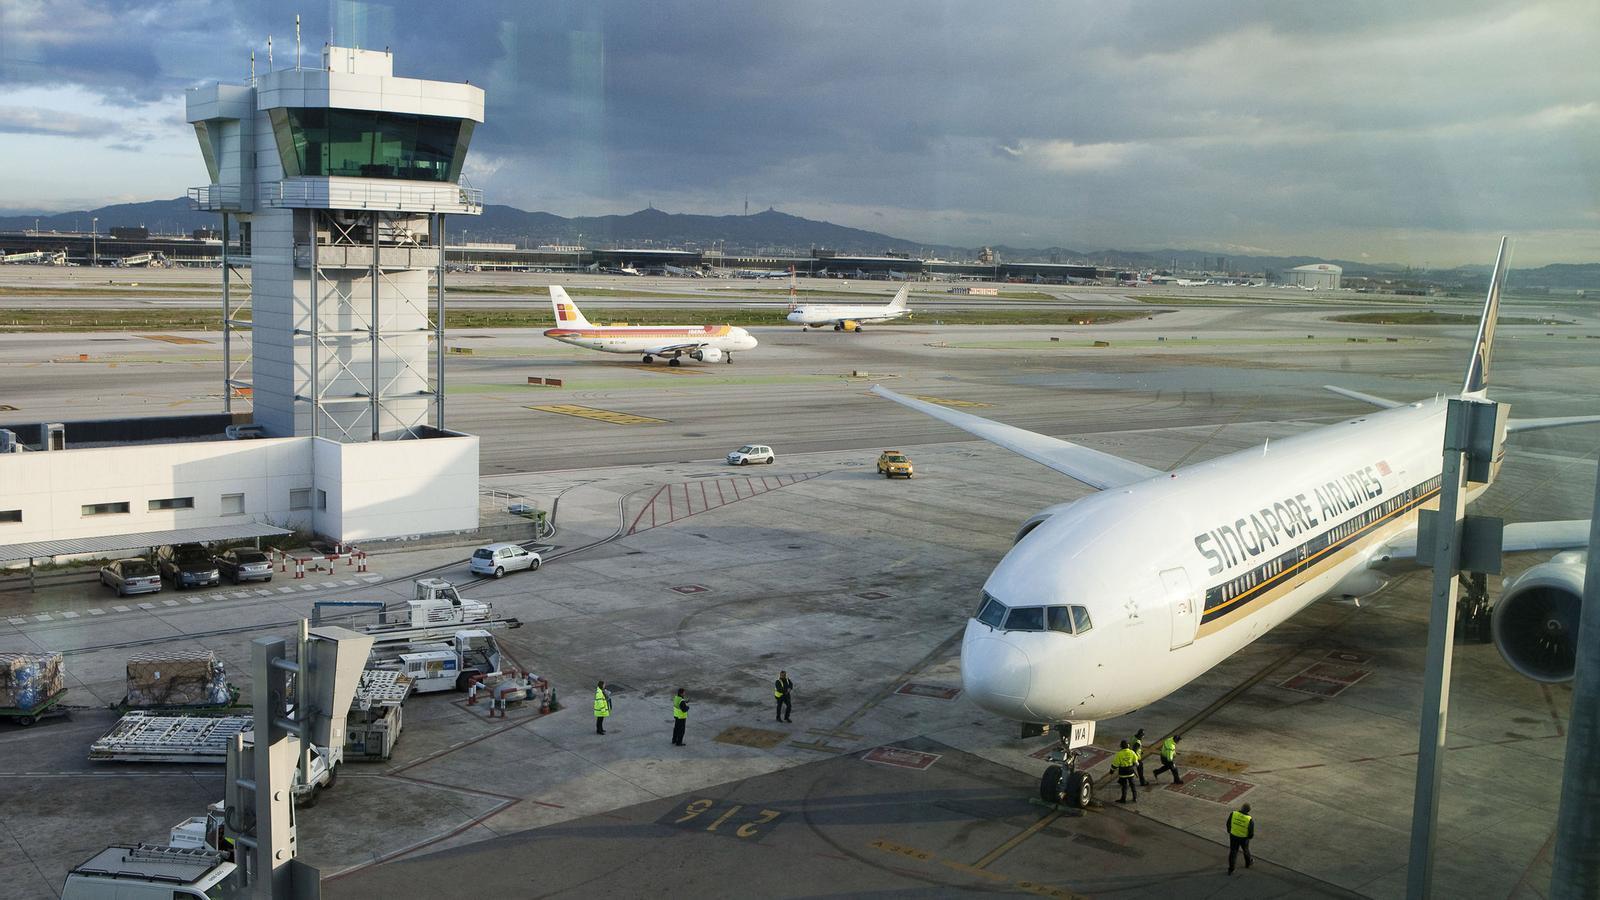 Un avió de Singapore Airlines a la Terminal 1 de l'aeroport de Barcelona. La companyia asiàtica enllaça Singapur amb Sao Paulo fent escala al Prat.